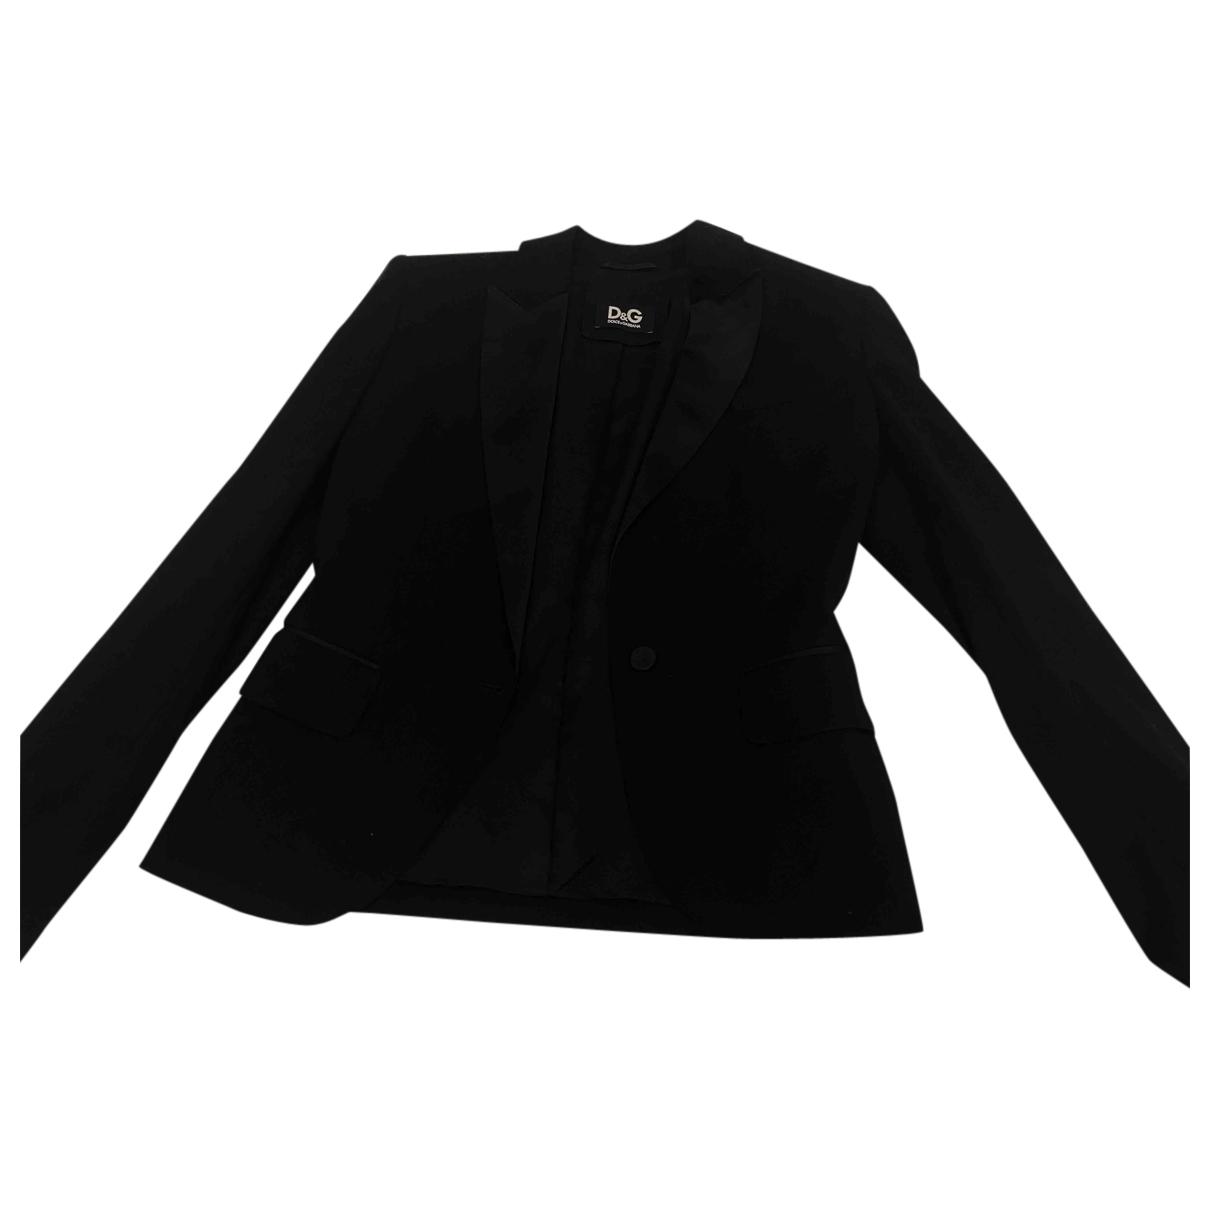 D&g N Black Wool jacket for Women 40 IT